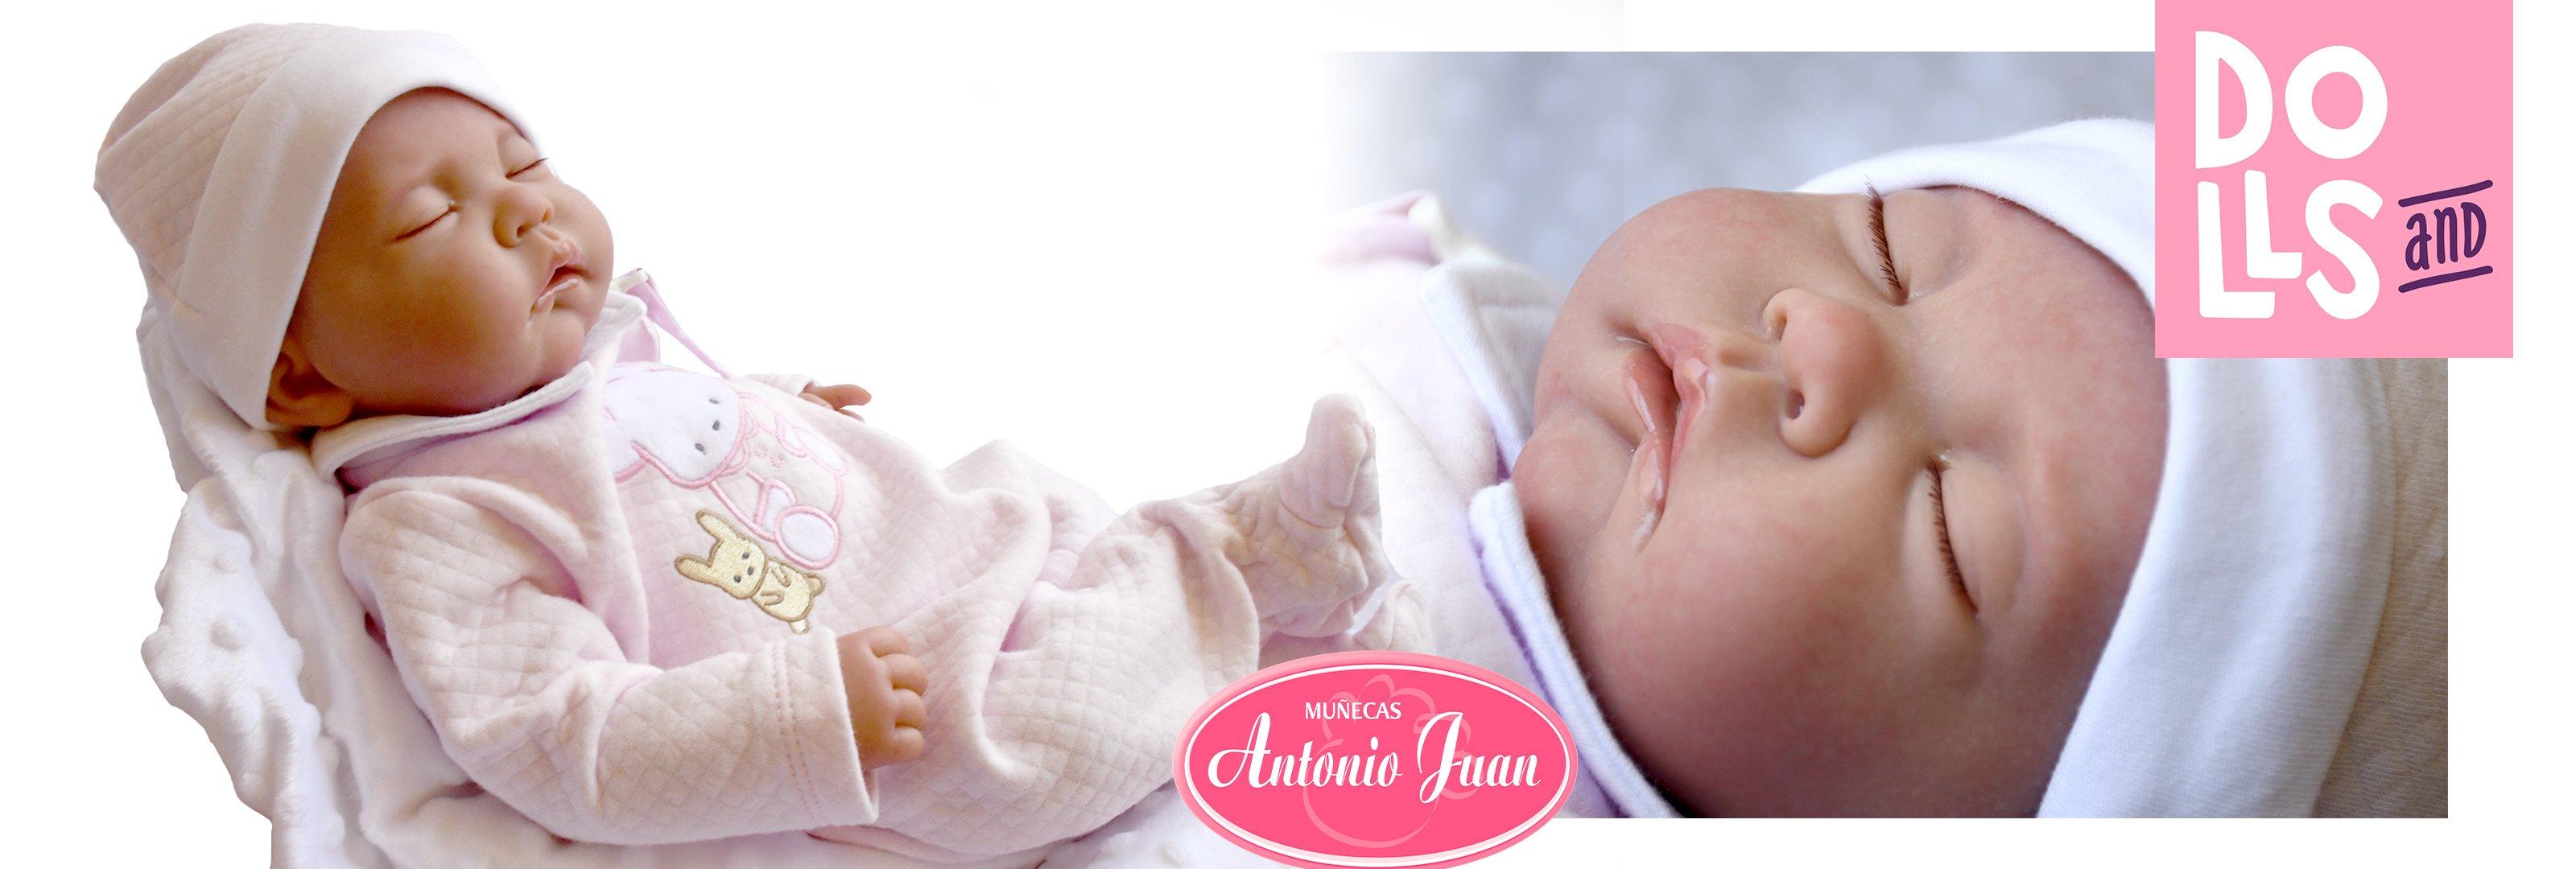 Dream Reborn – La dulzura hecha muñeca